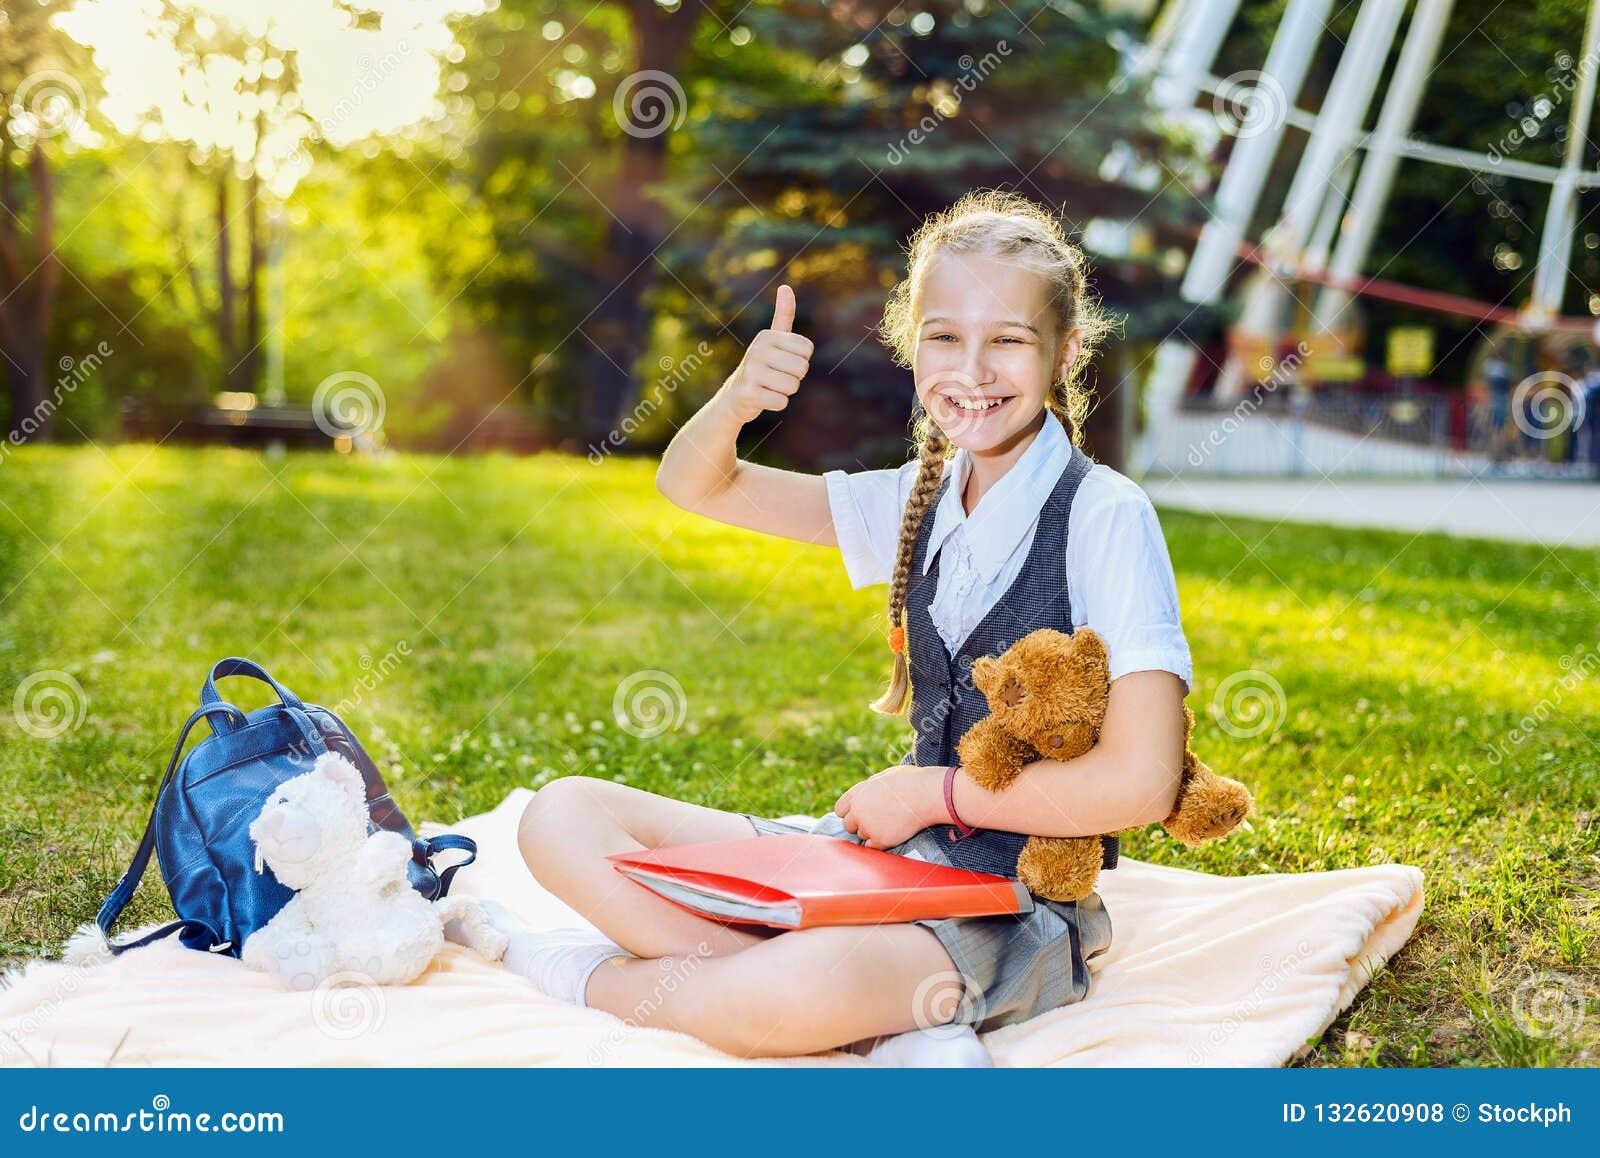 O polegar mostrando de sorriso feliz do estudante da estudante senta-se acima em uma cobertura no parque em um dia ensolarado o a